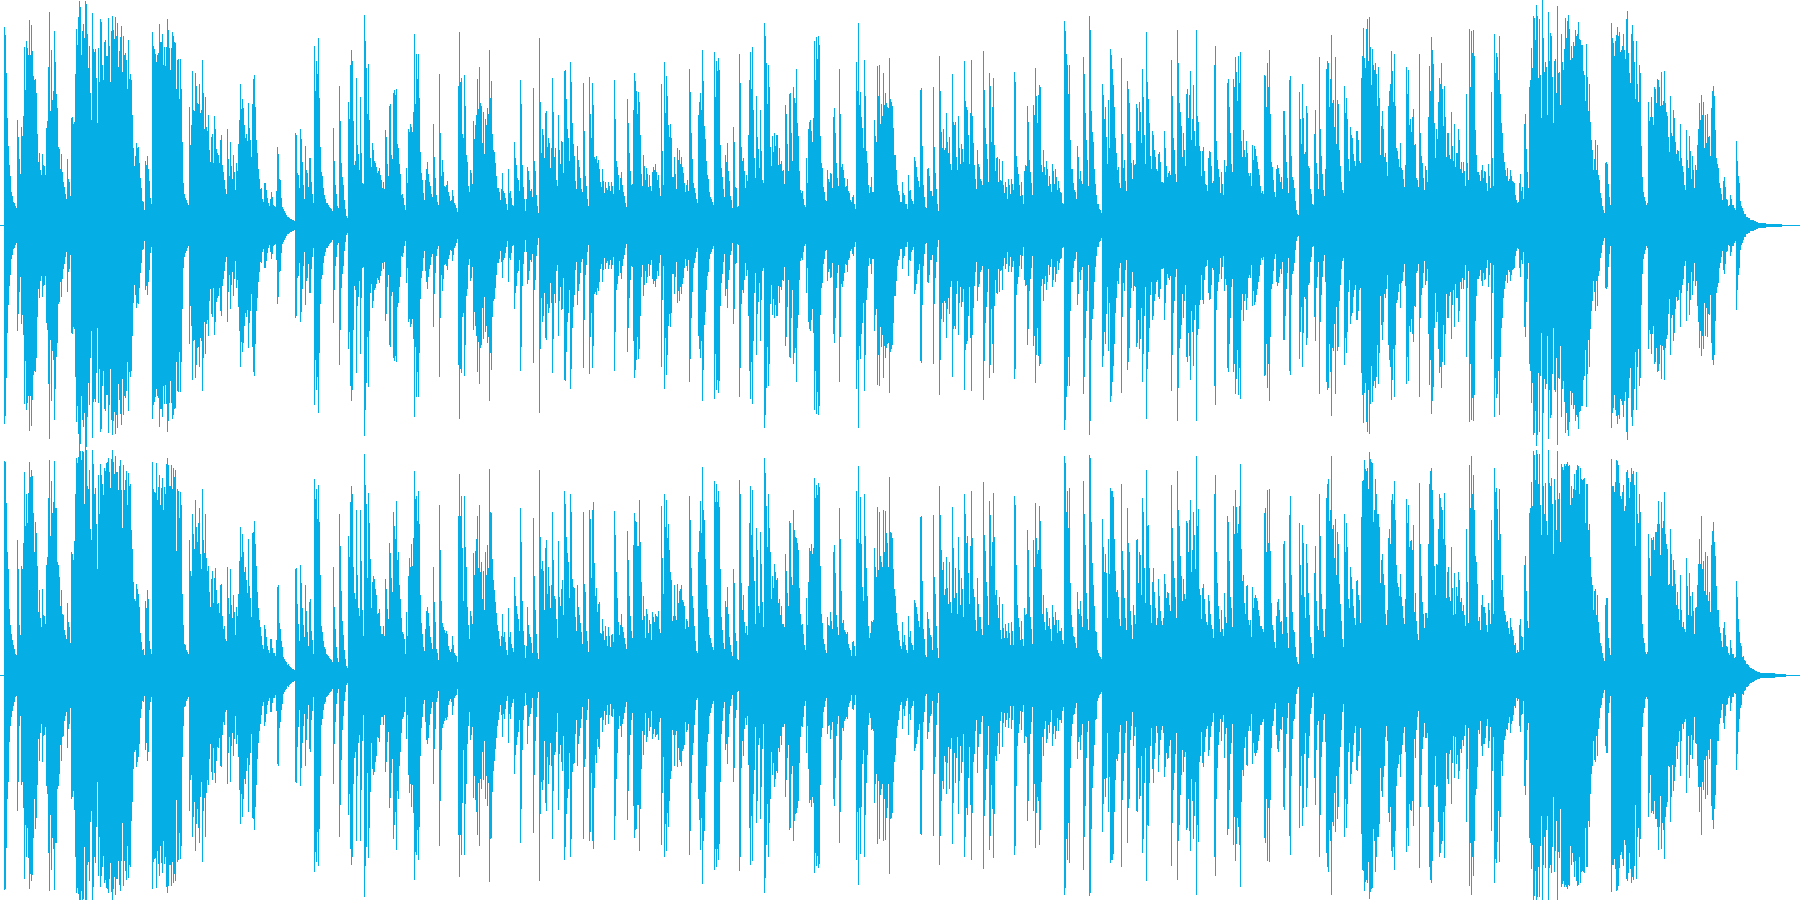 ロマンチックでエレガントなピアノソロ曲の再生済みの波形